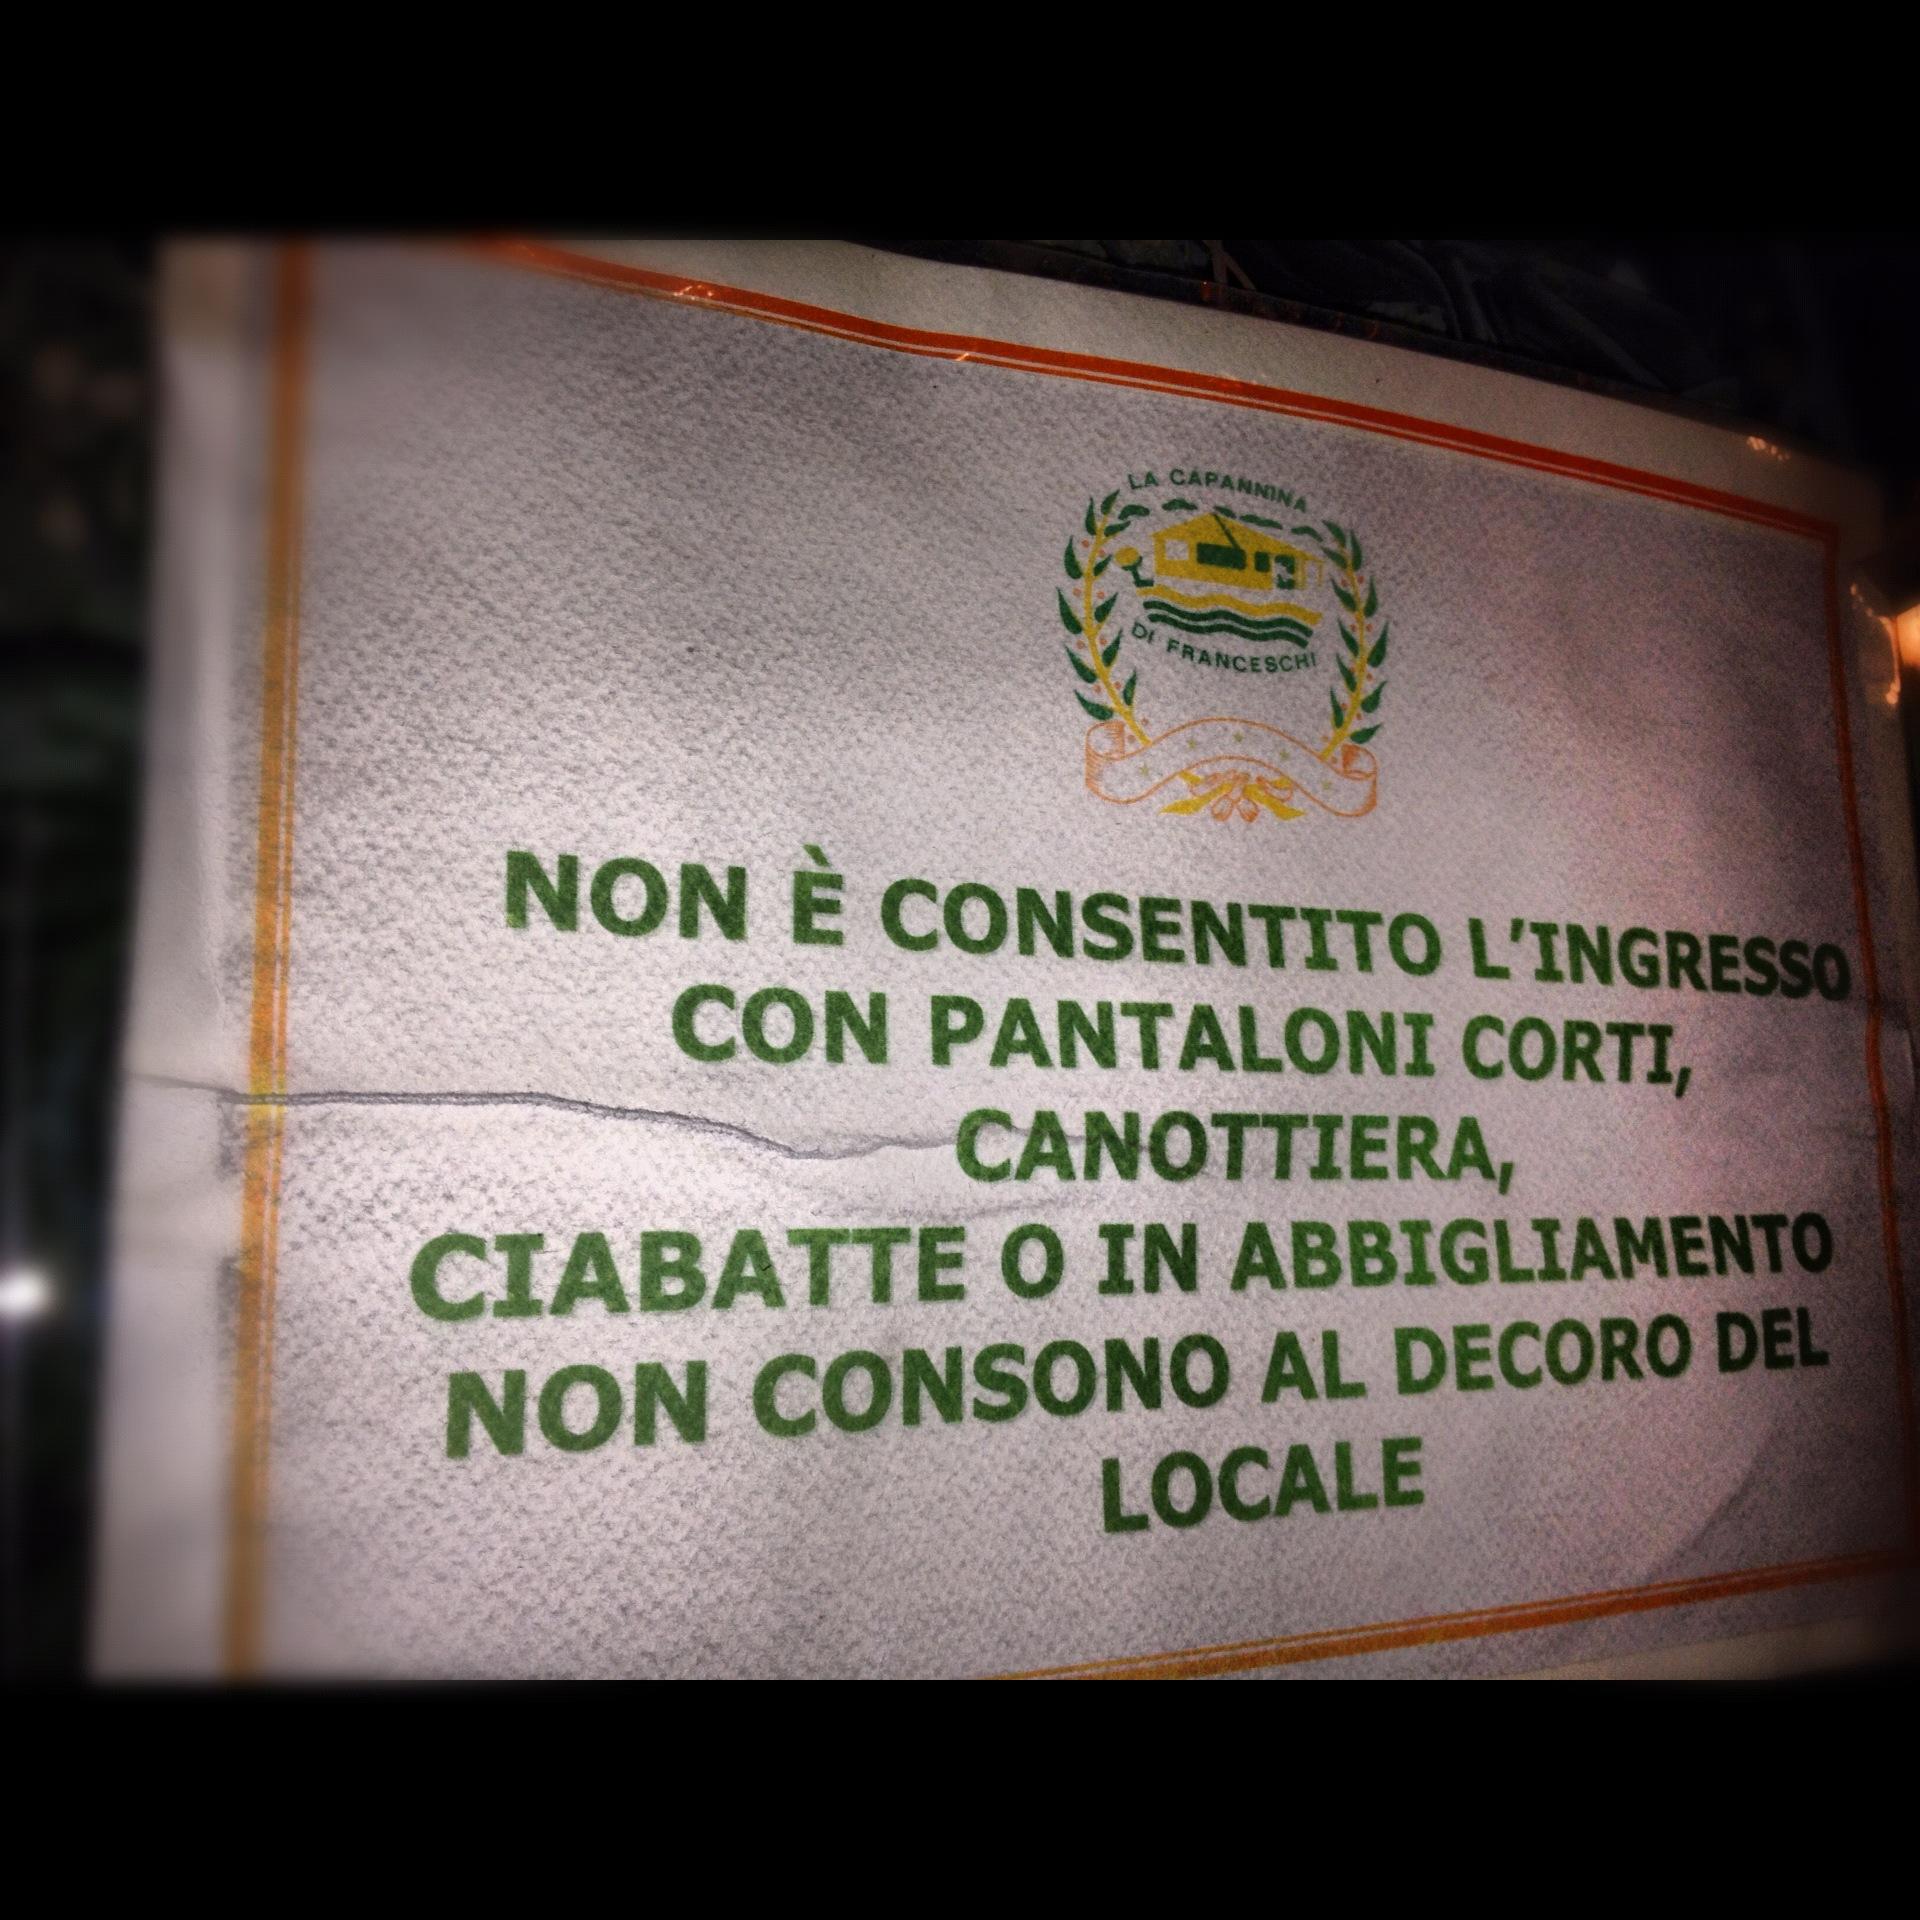 capannina-di-franceschi-estate-forte